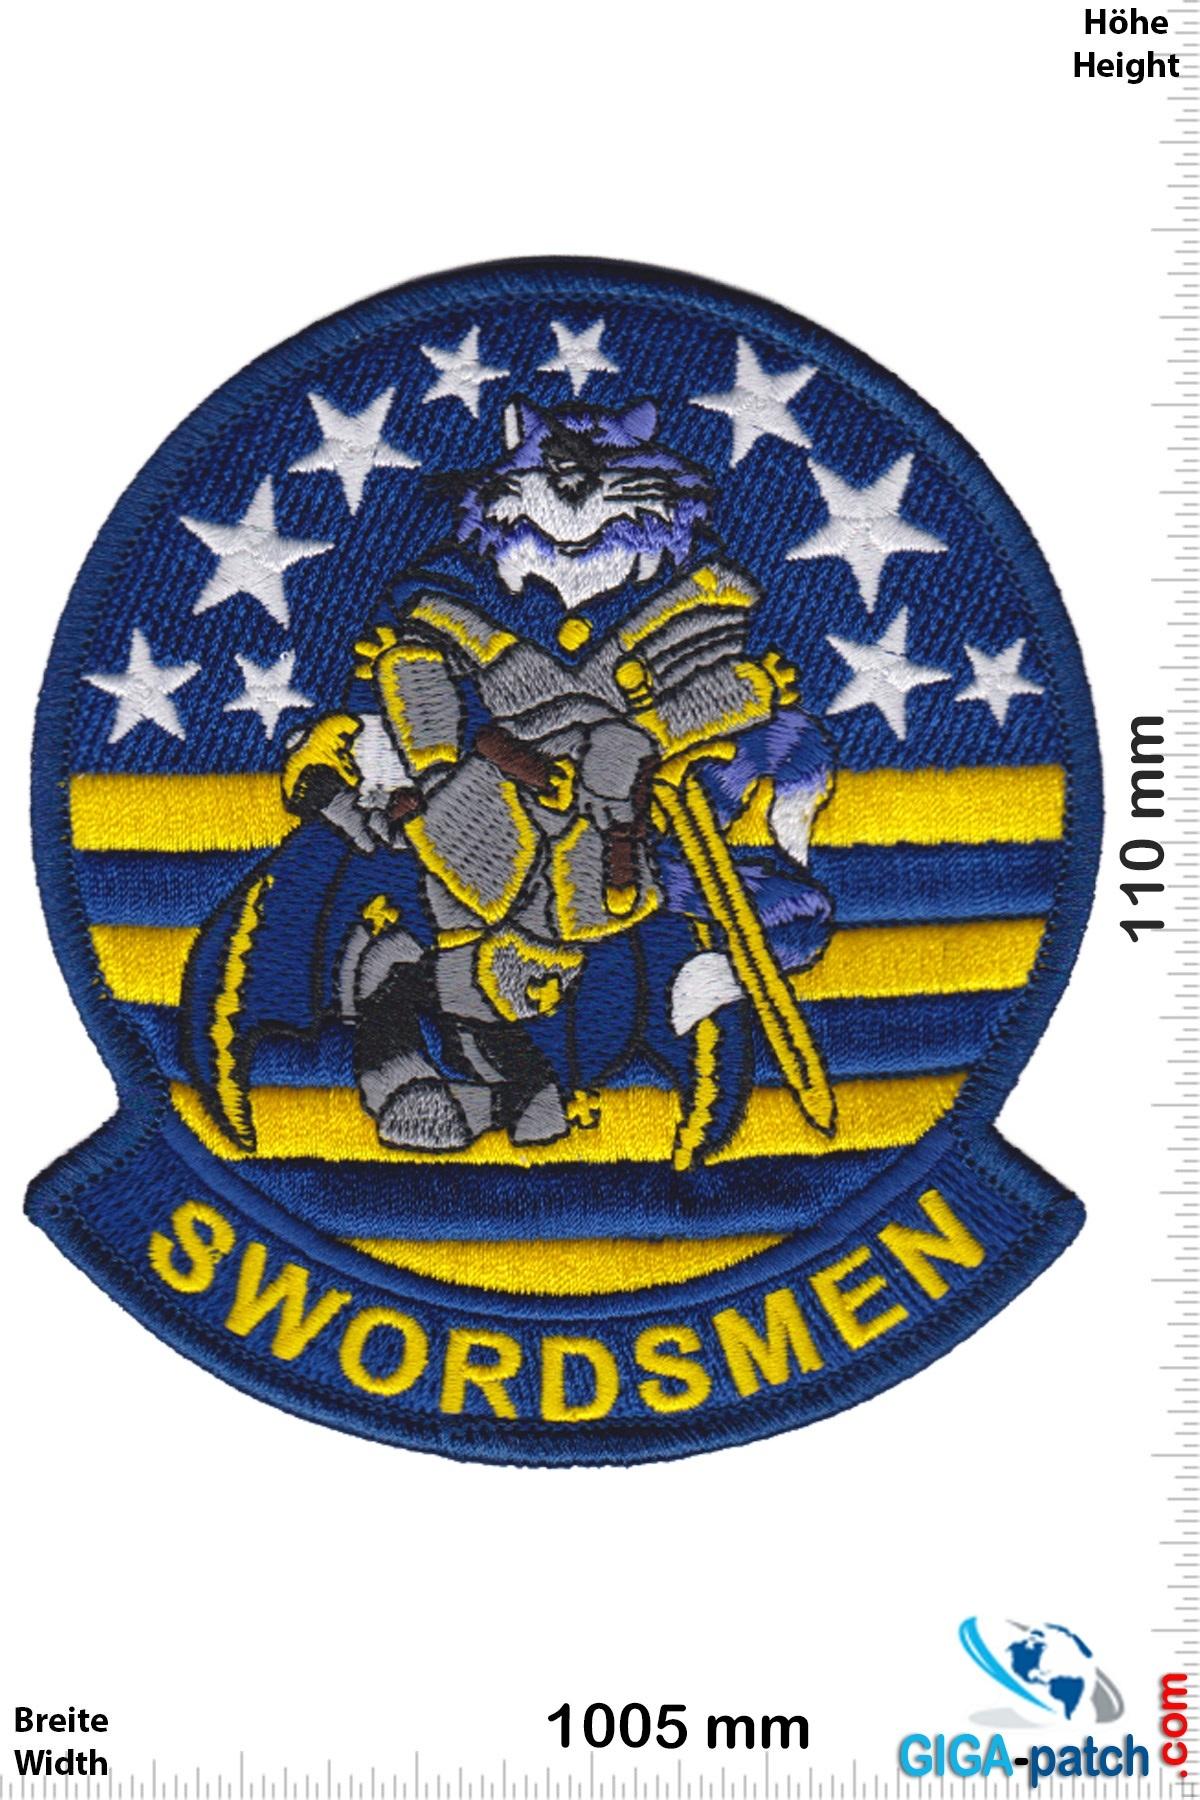 U.S. Navy USN VF-32 SWORDSMEN TOMCAT F-14 - HQ